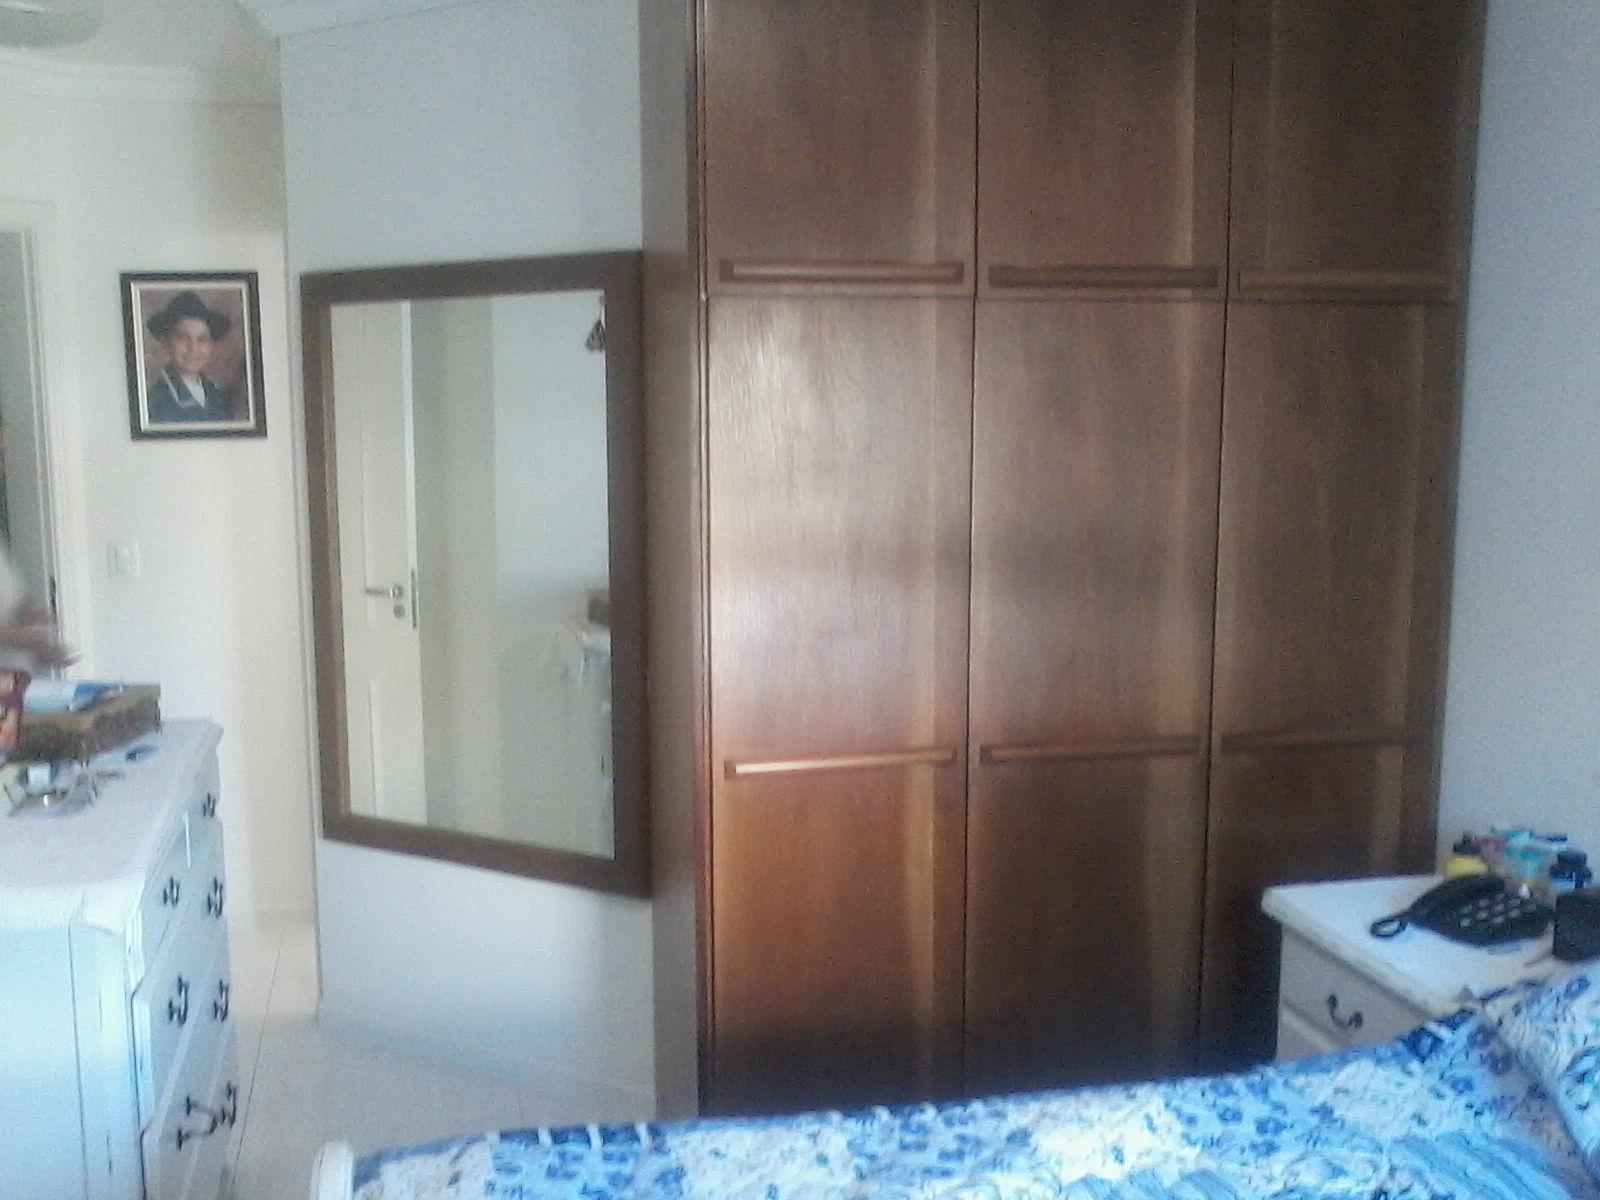 #436F88 Sobrado Tripex 286m2 Ahú De Andrade Imóveis 1600x1200 px Casas Bahia Armario De Cozinha 200 Reais #1615 imagens